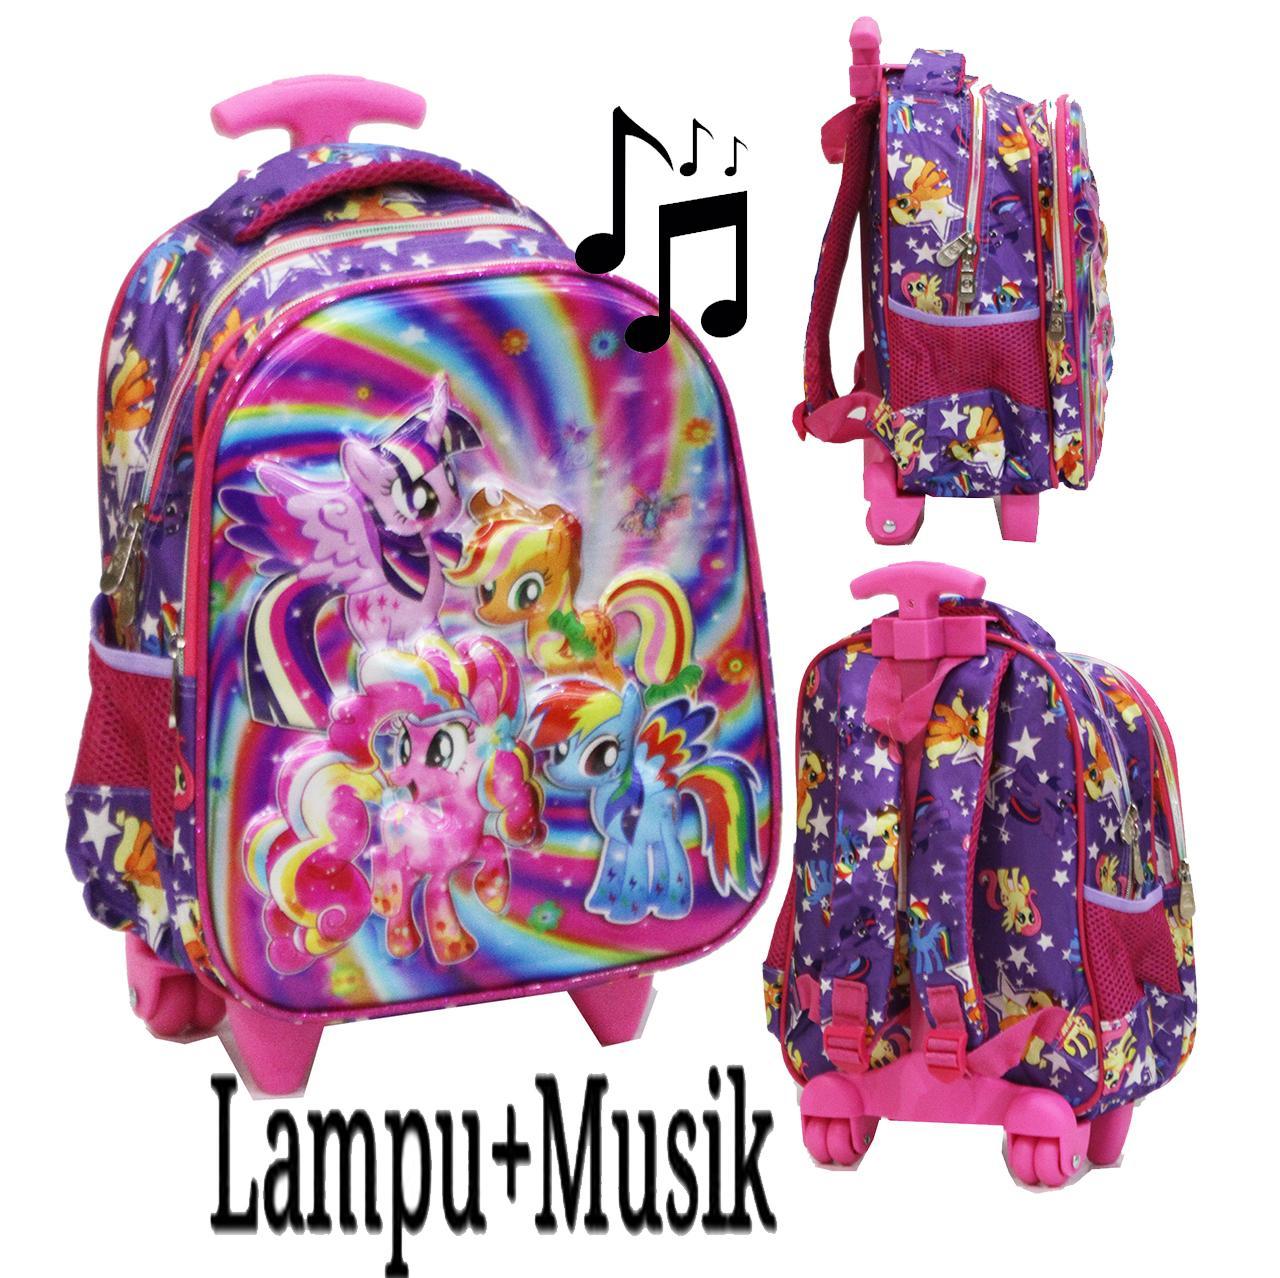 Onlan Tas LAMPU + MUSIC Trolley Anak Sekolah TK Karakter Little Pony Galaxsi 5D Timbul Hologram